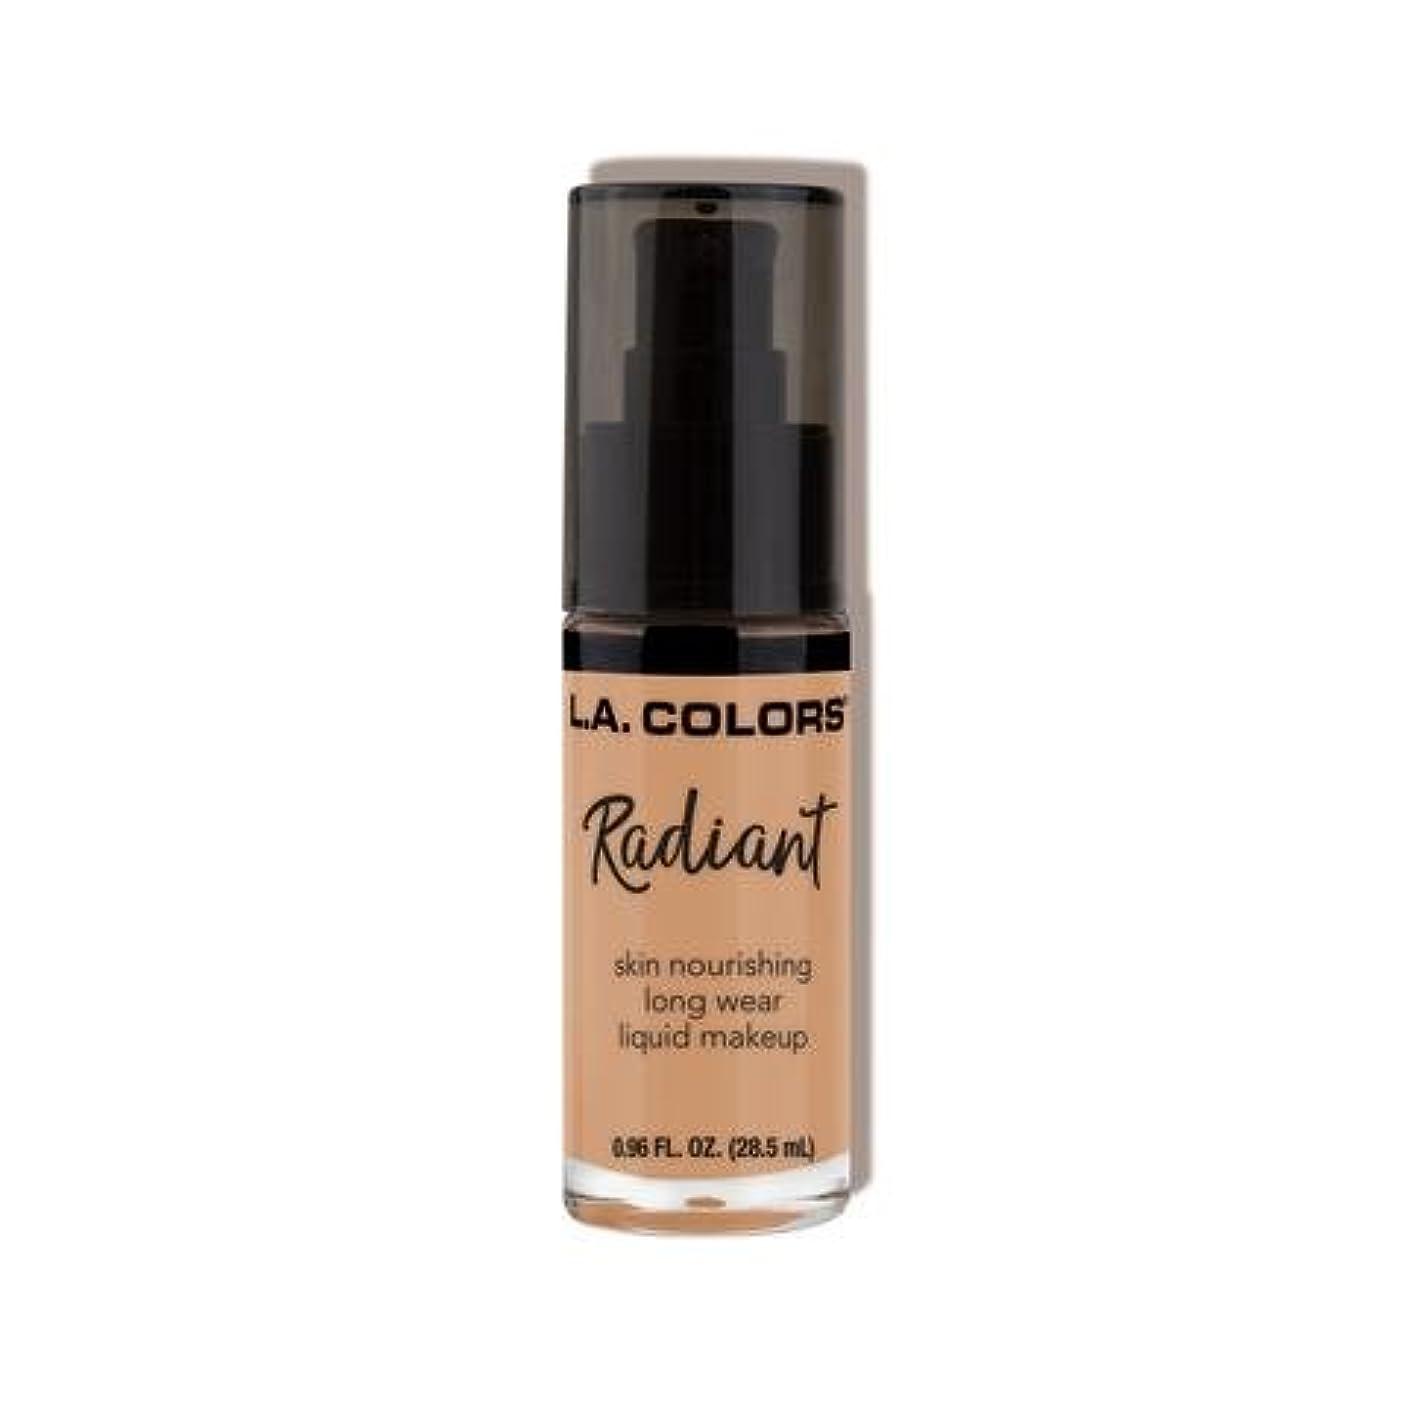 ペースト悔い改め不平を言う(3 Pack) L.A. COLORS Radiant Liquid Makeup - Light Tan (並行輸入品)